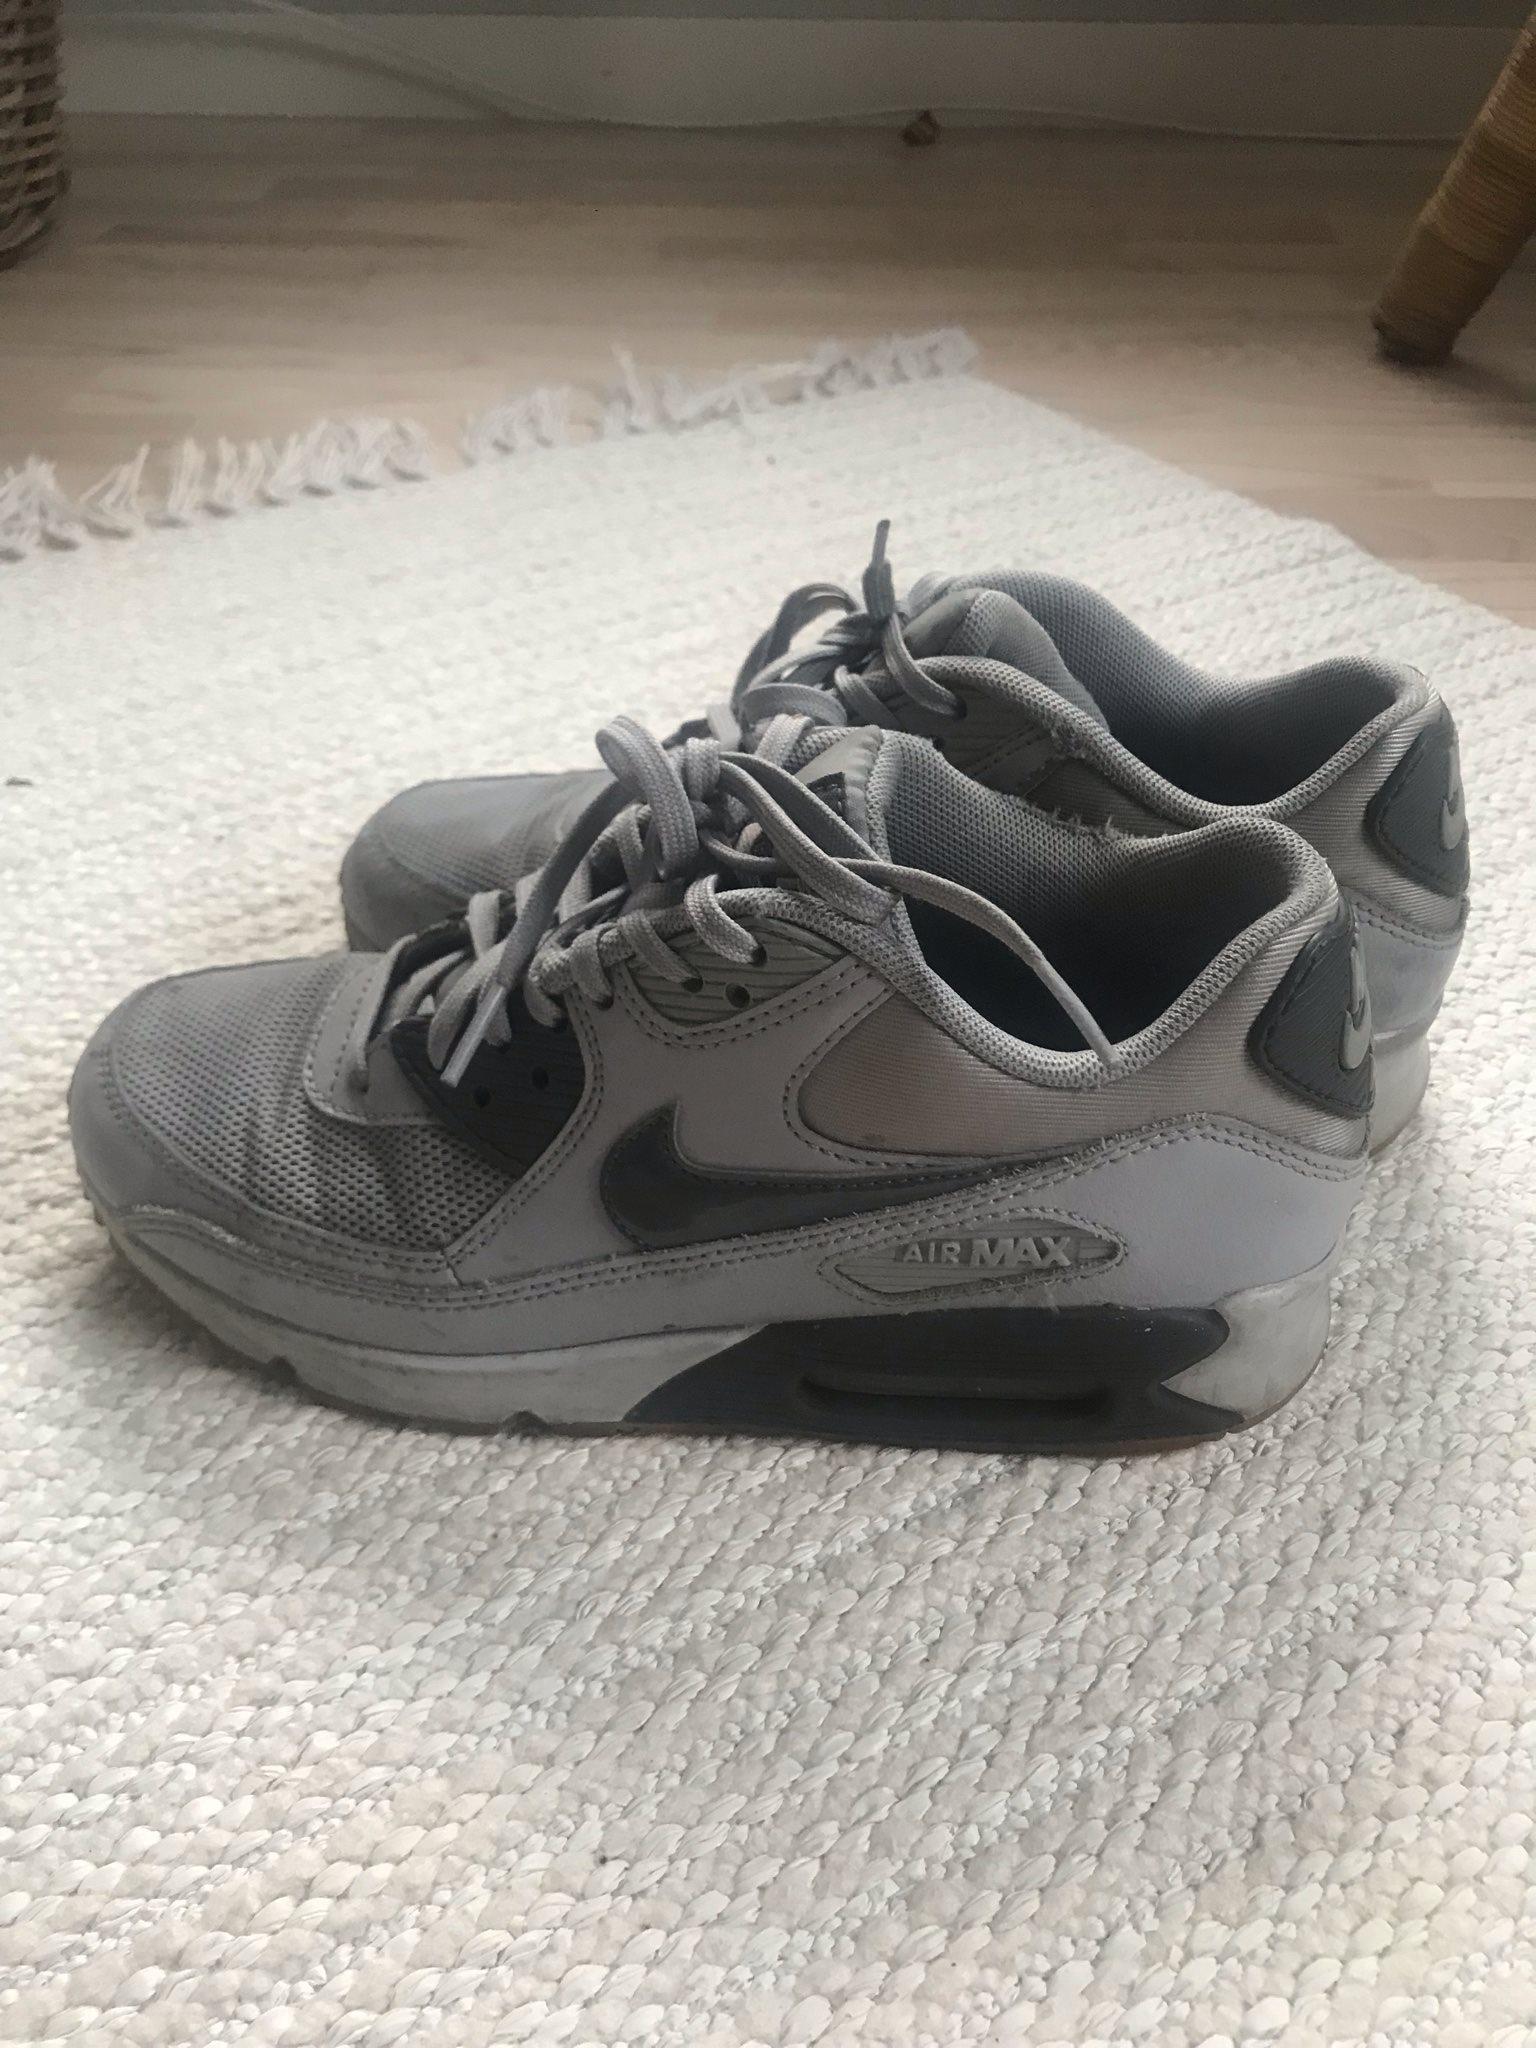 brand new 3b822 67079 ... brand new a95a7 235e9 Nike air max, storlek 38, grå.